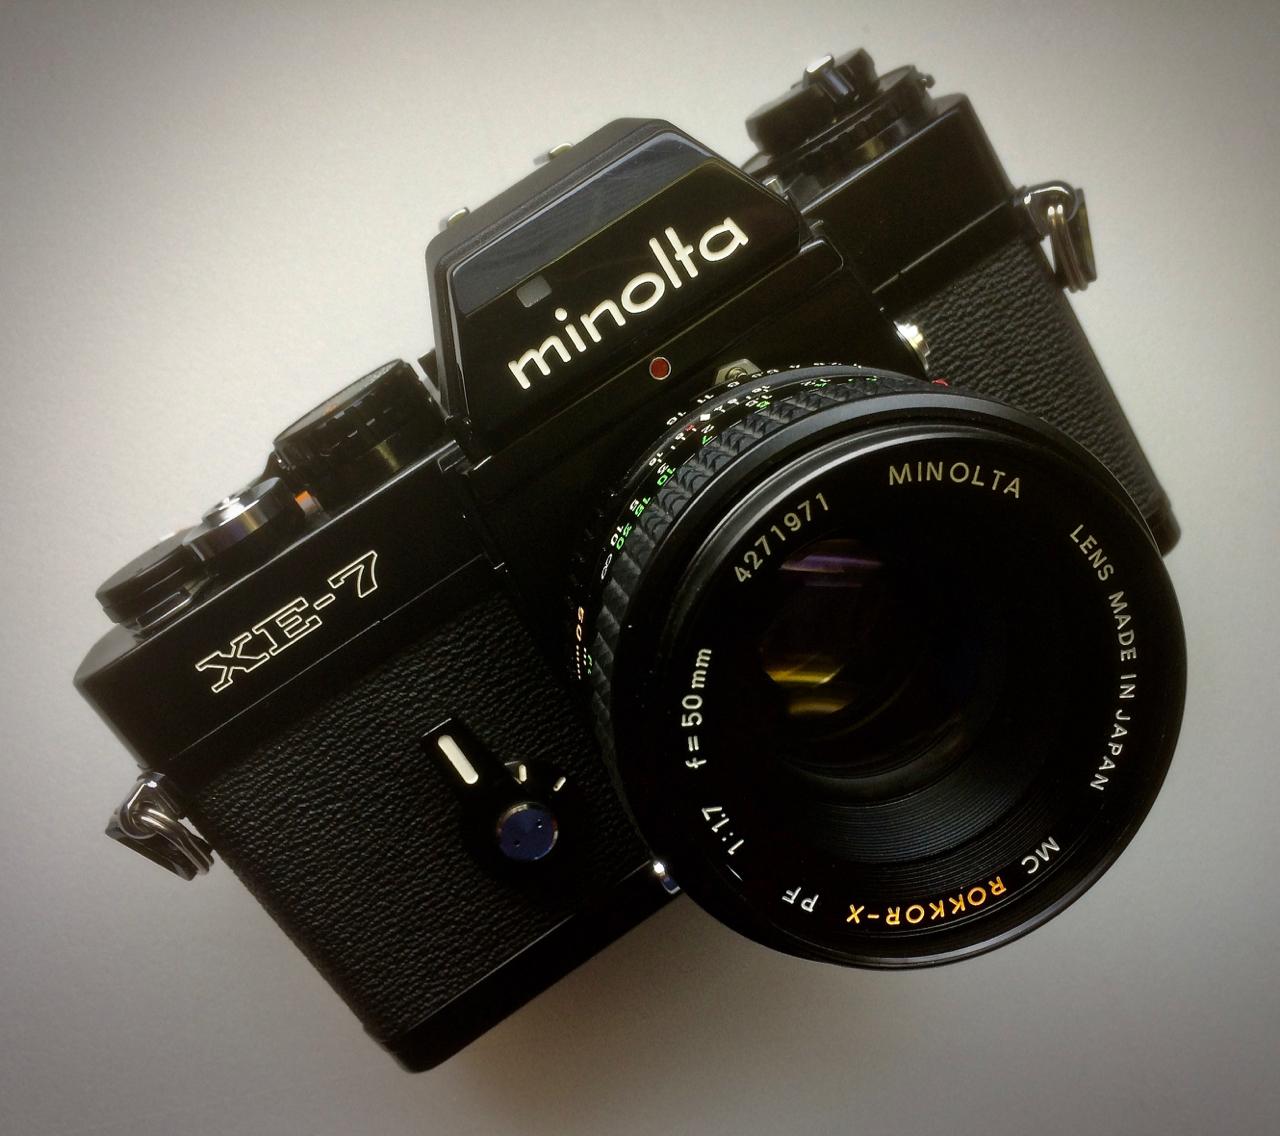 Minolta XE-7 - A Leica in disguise.